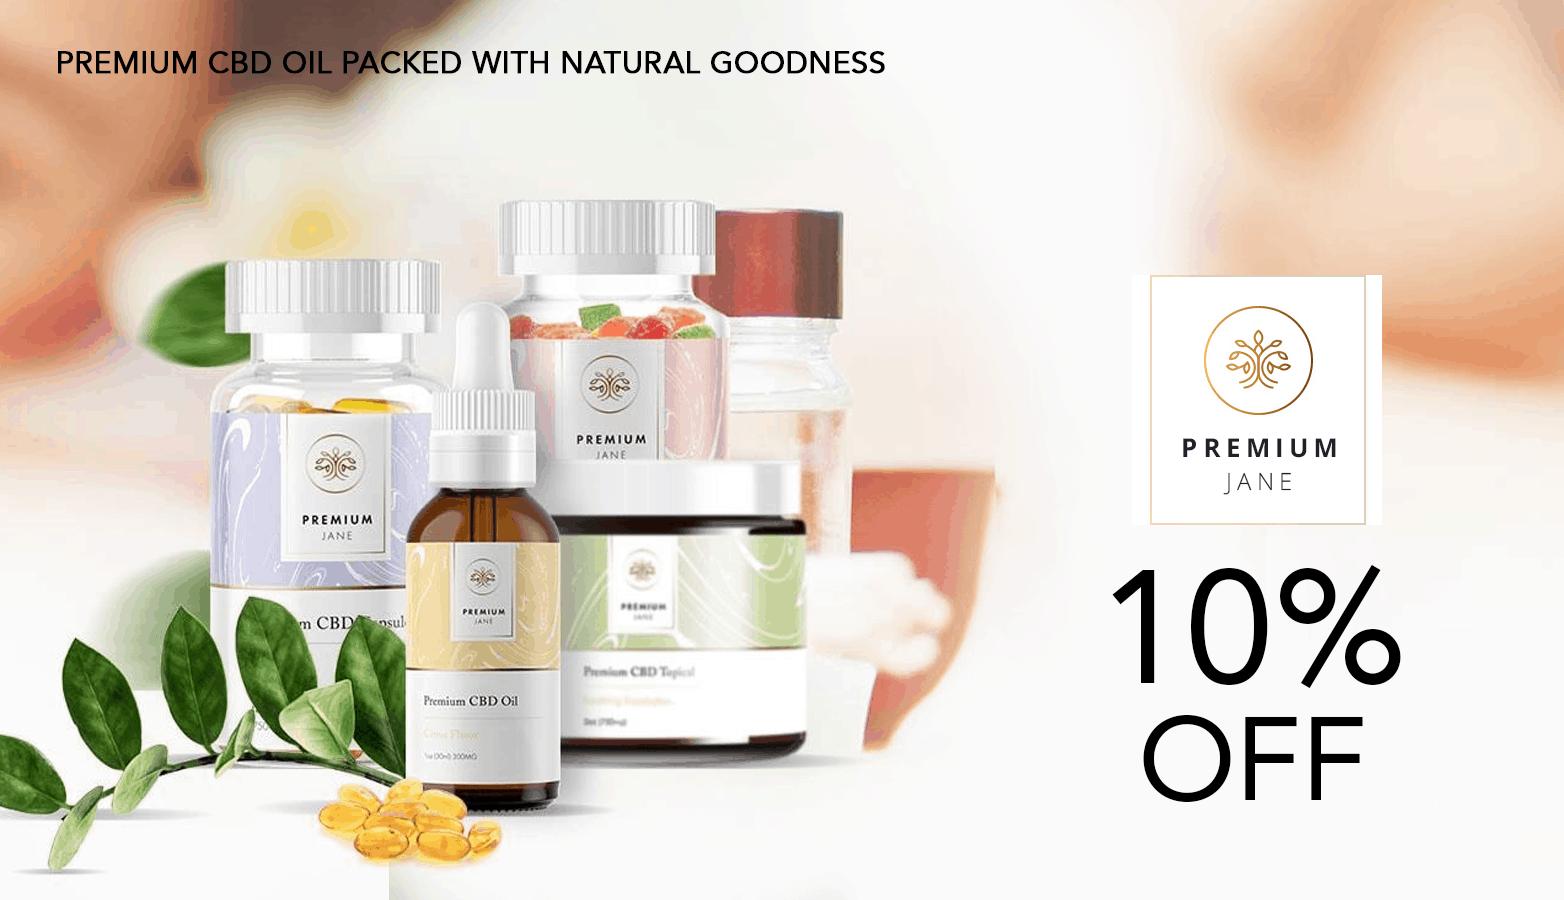 Premium Jane Discounts